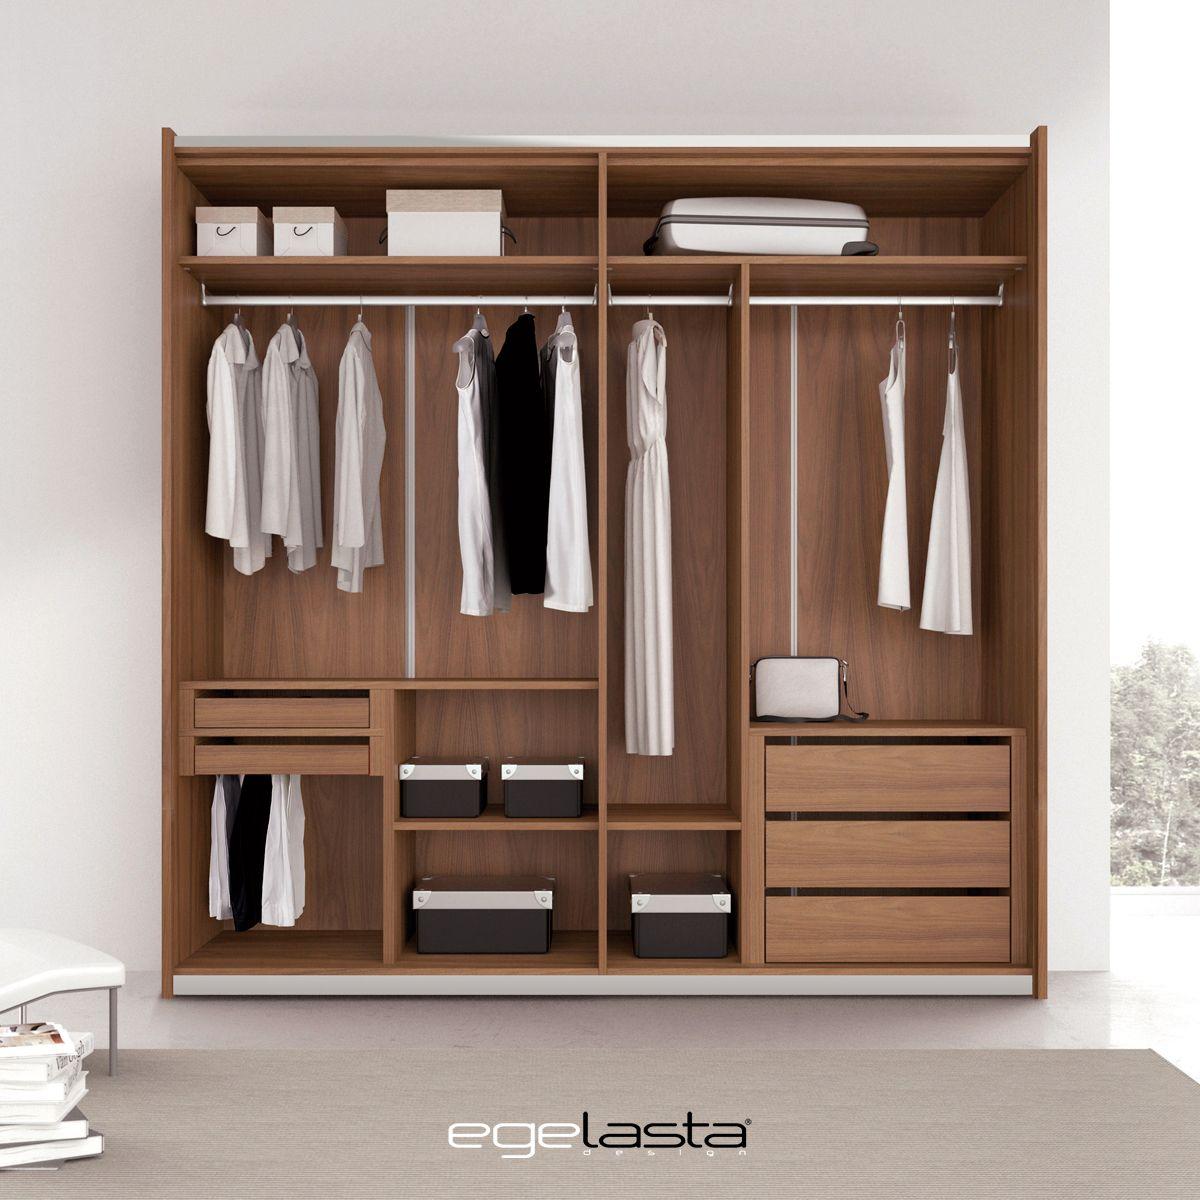 Egelasta open cuarta 201 mueble moderno madera armario vestidor nogal americano - Nogal americano muebles ...